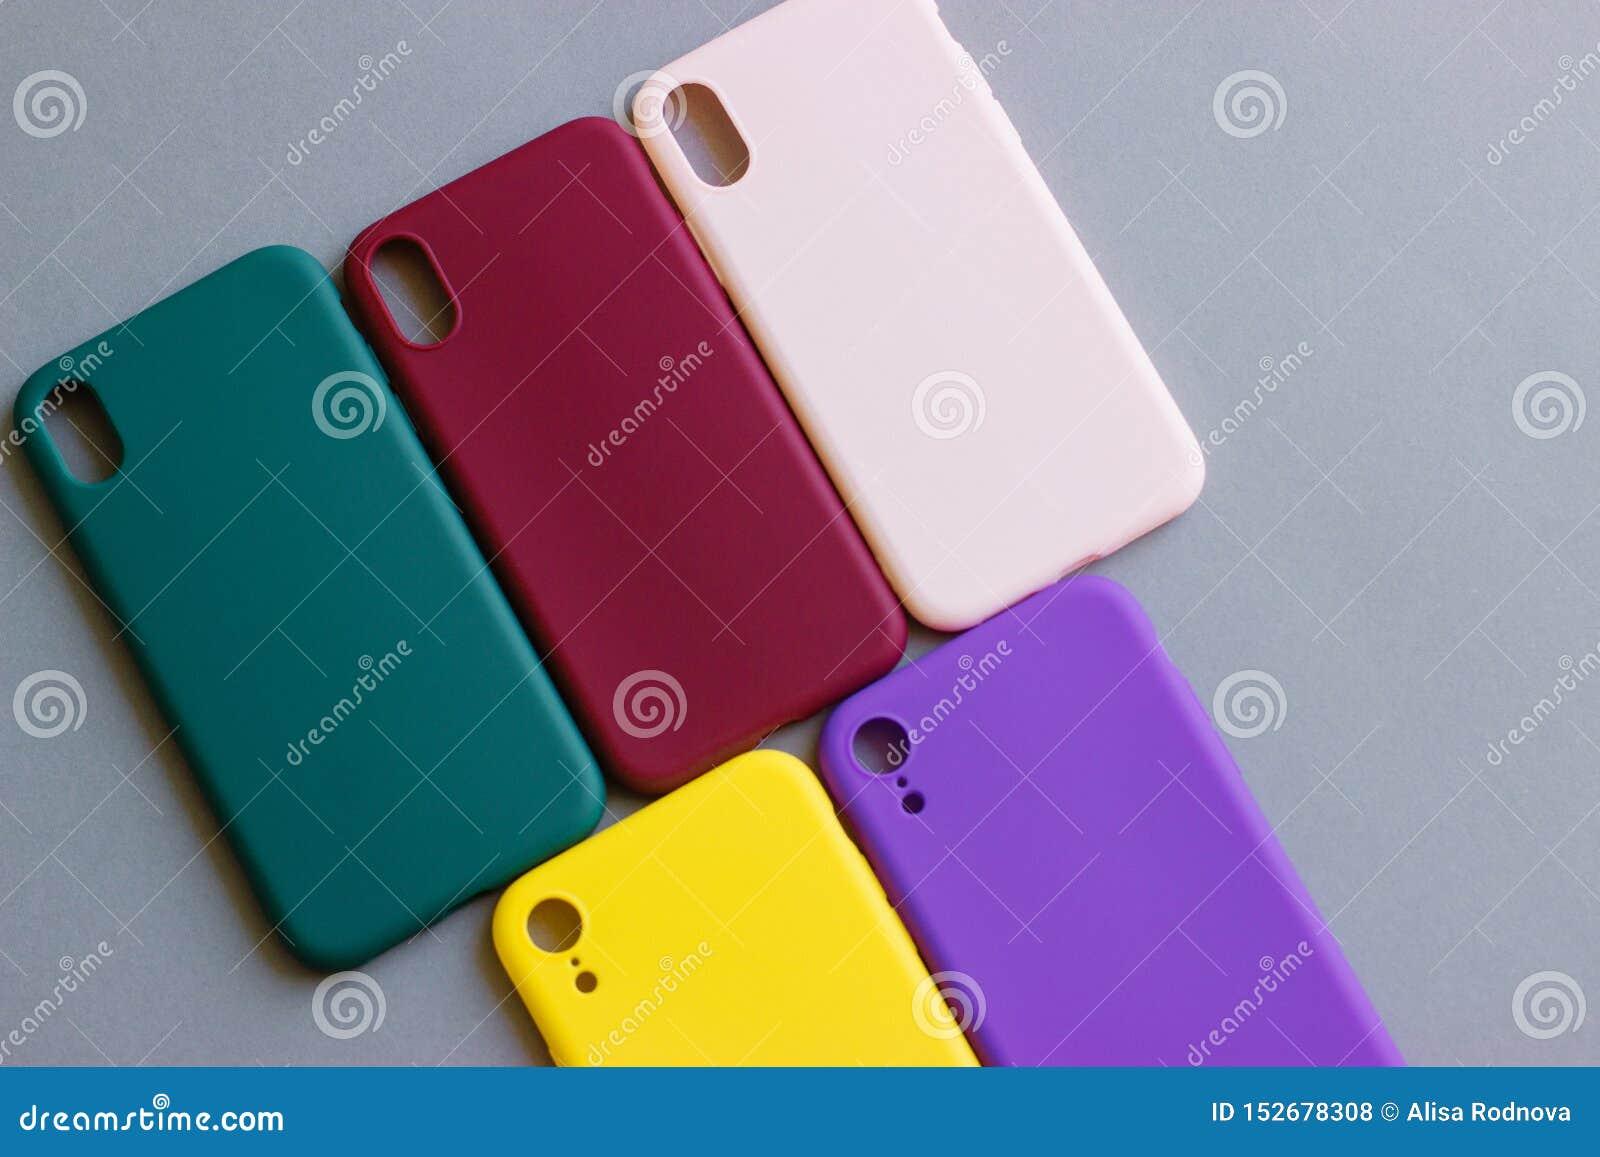 Красочные случаи силикона для вашего смартфона